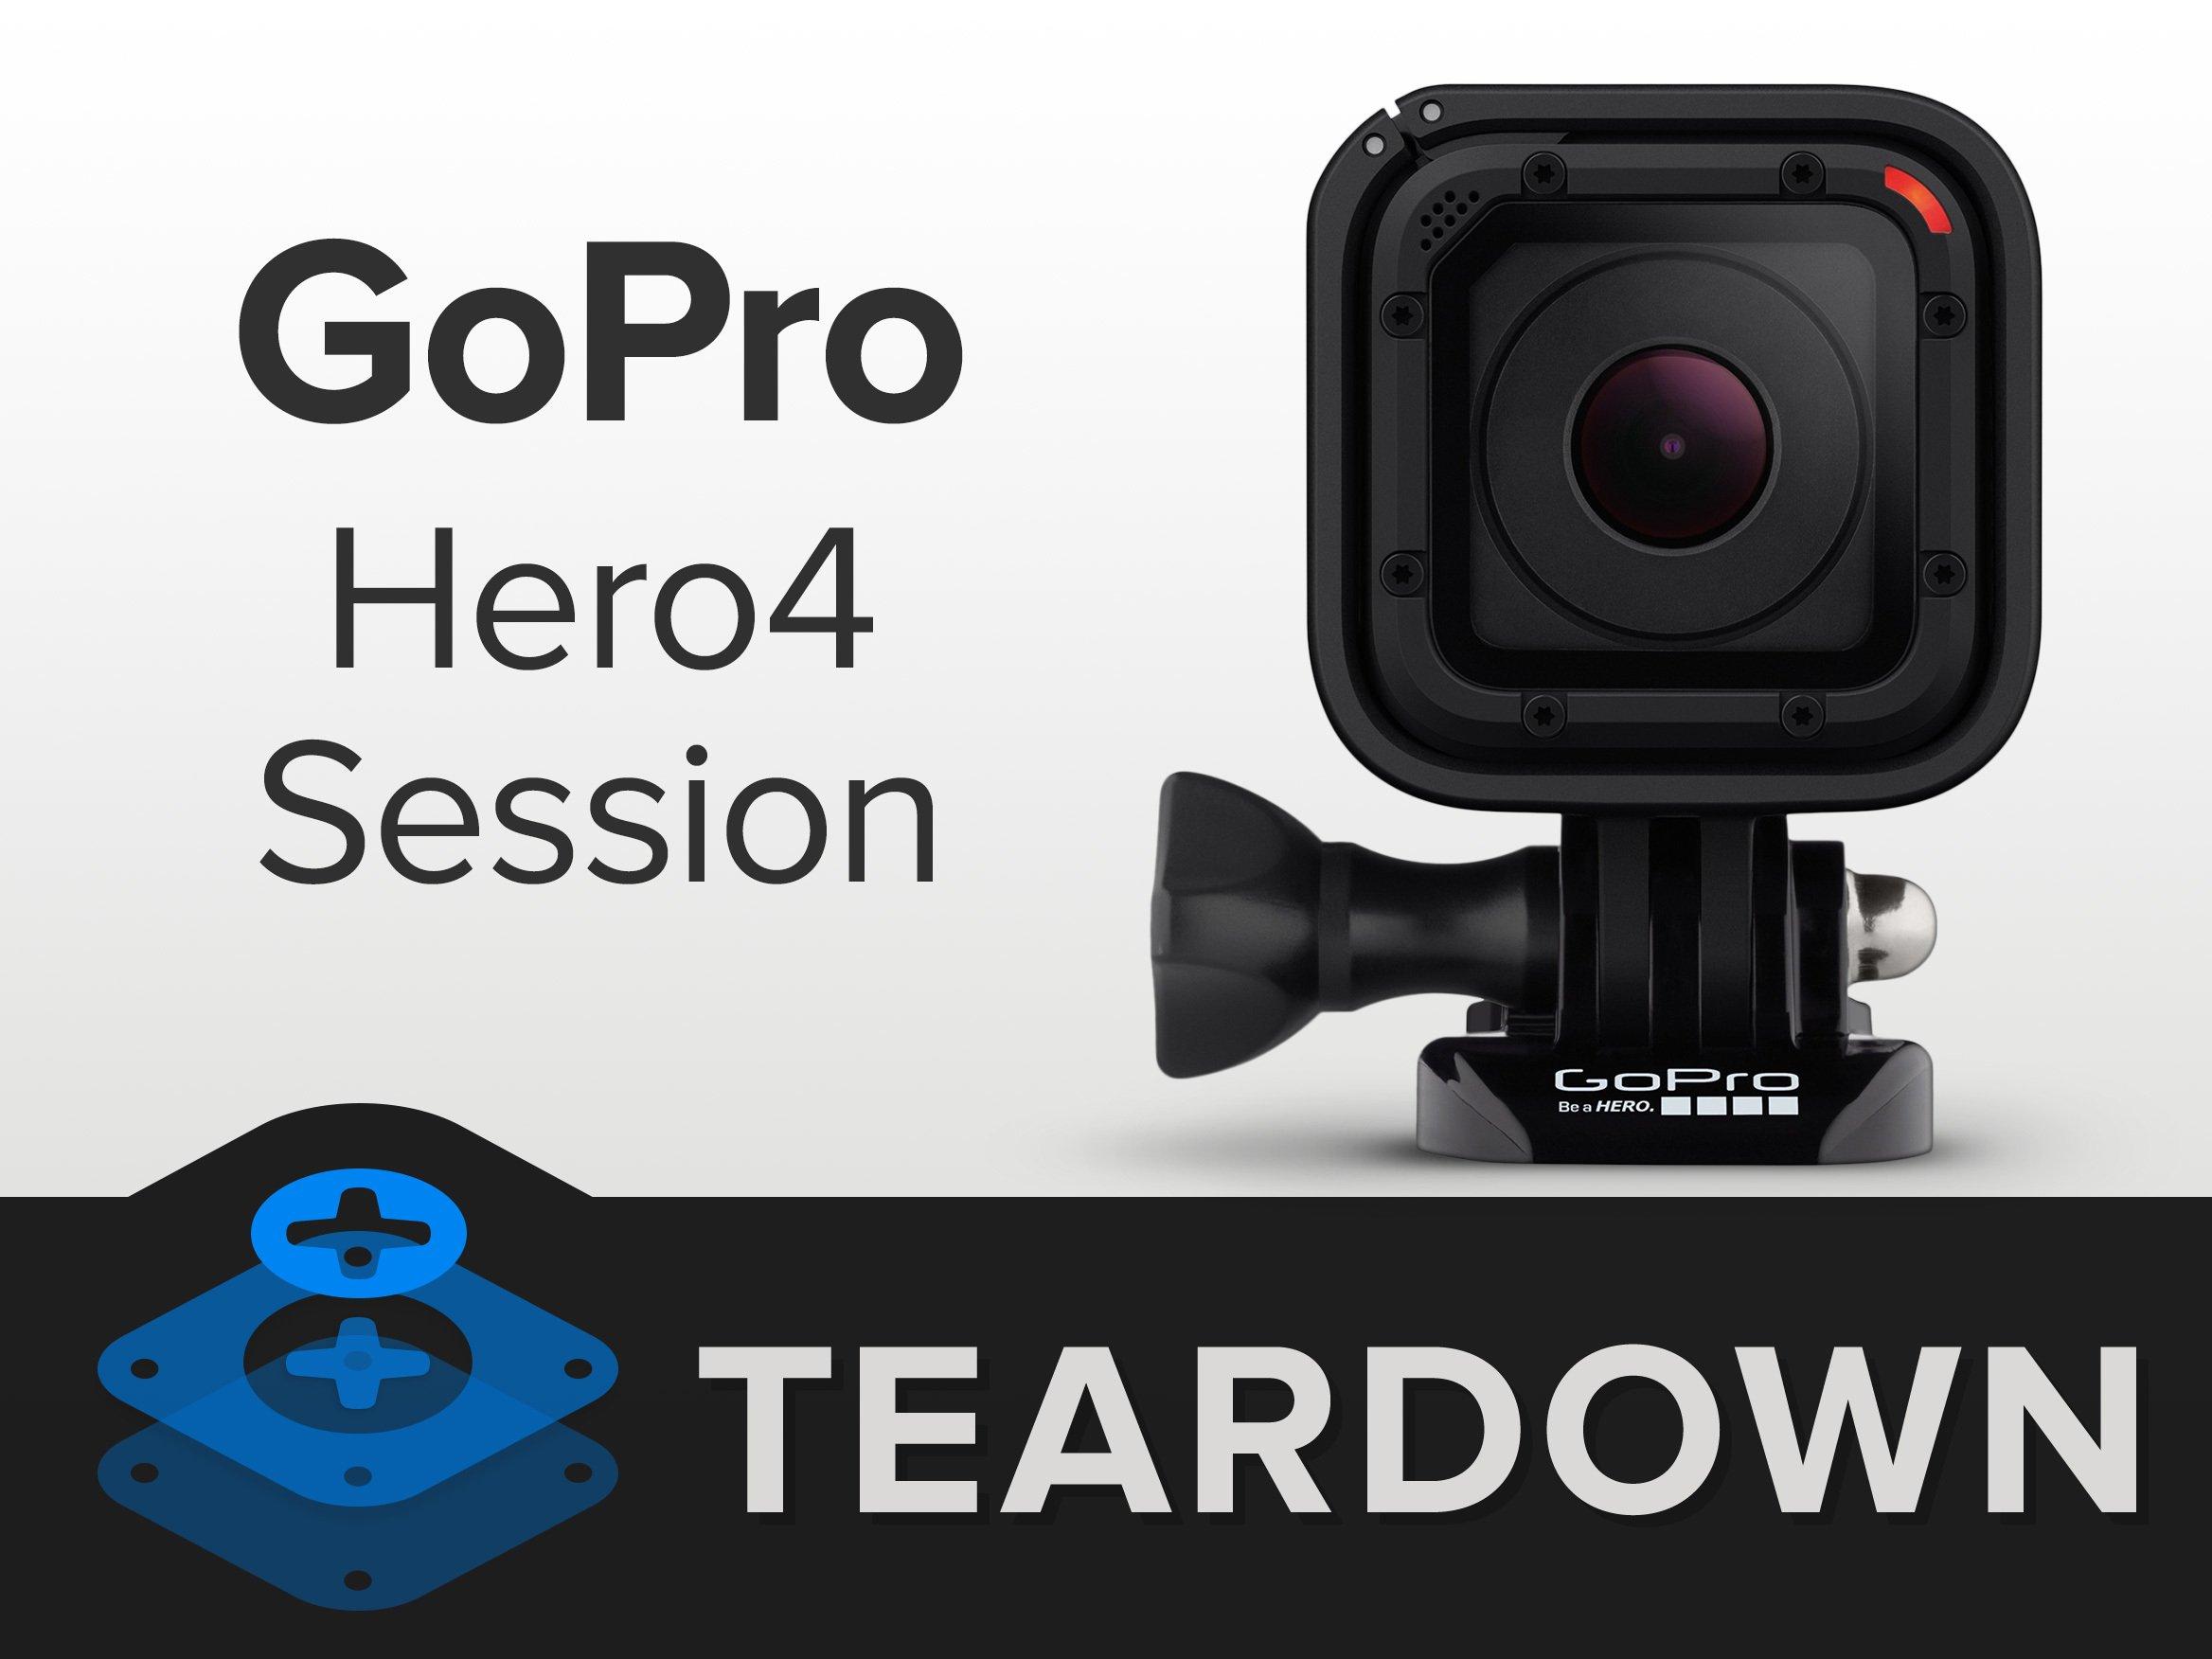 GoPro Hero4 Session Teardown - iFixit